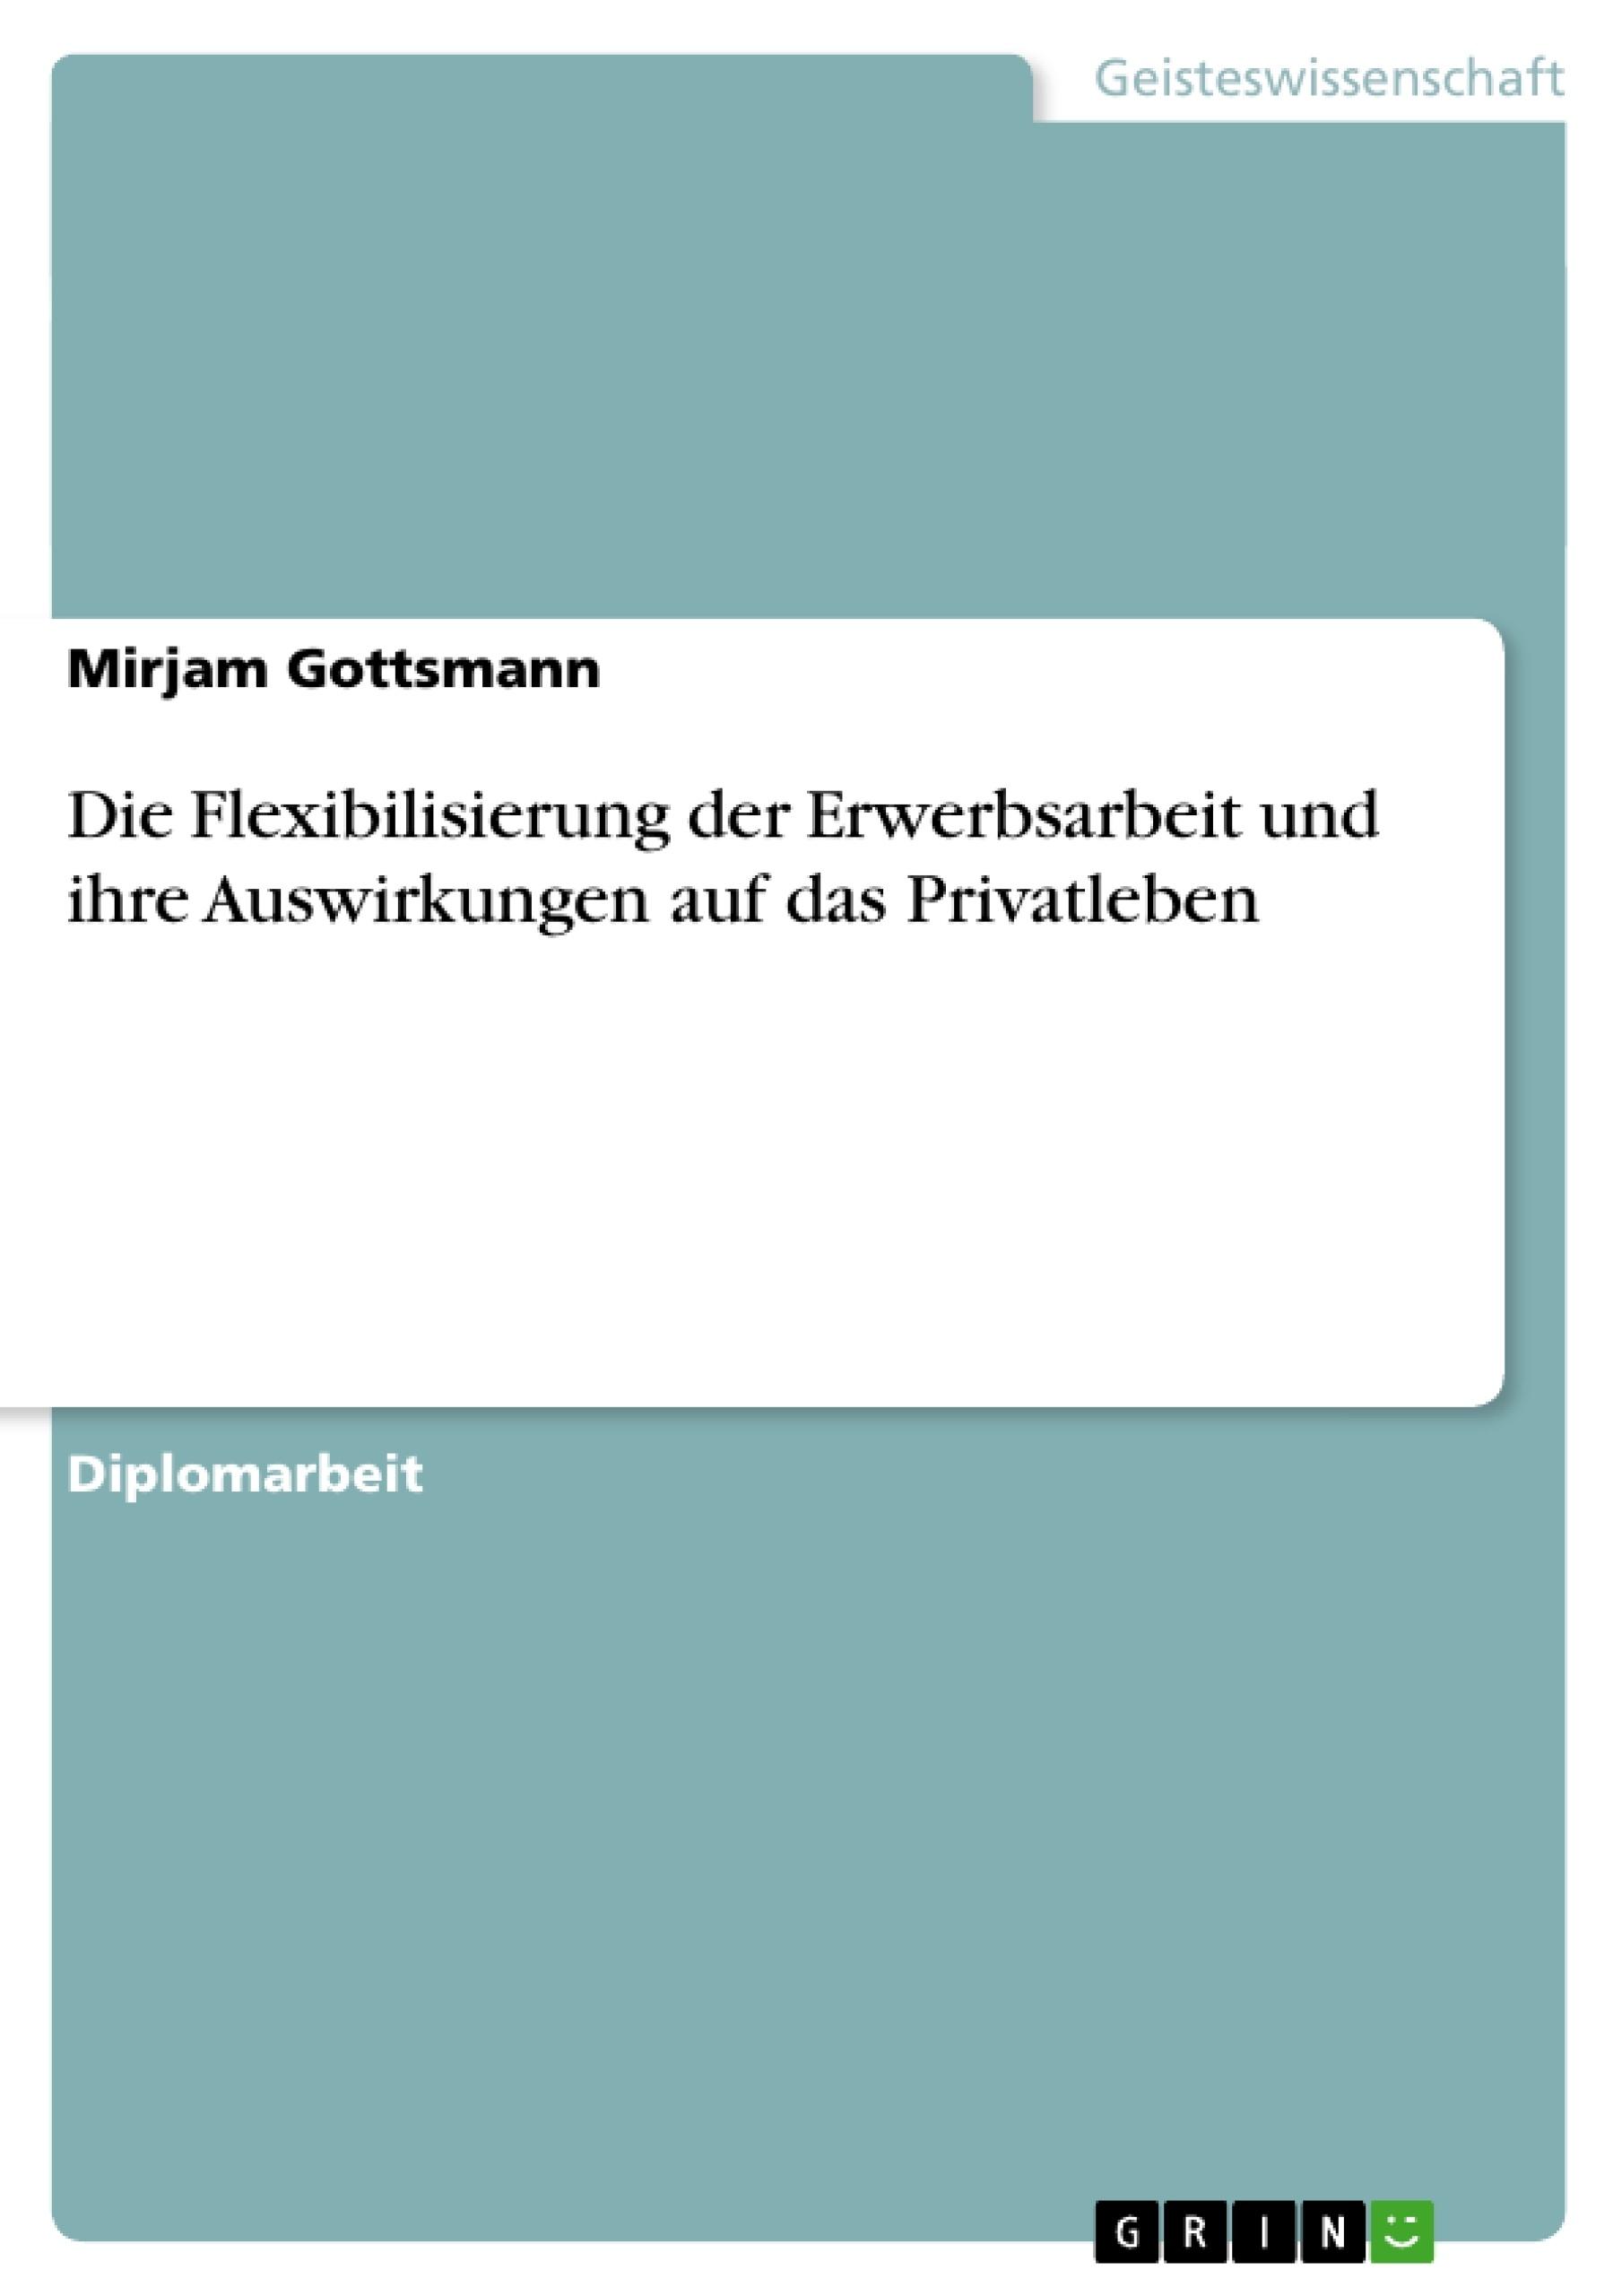 Titel: Die Flexibilisierung der Erwerbsarbeit und ihre Auswirkungen auf das Privatleben